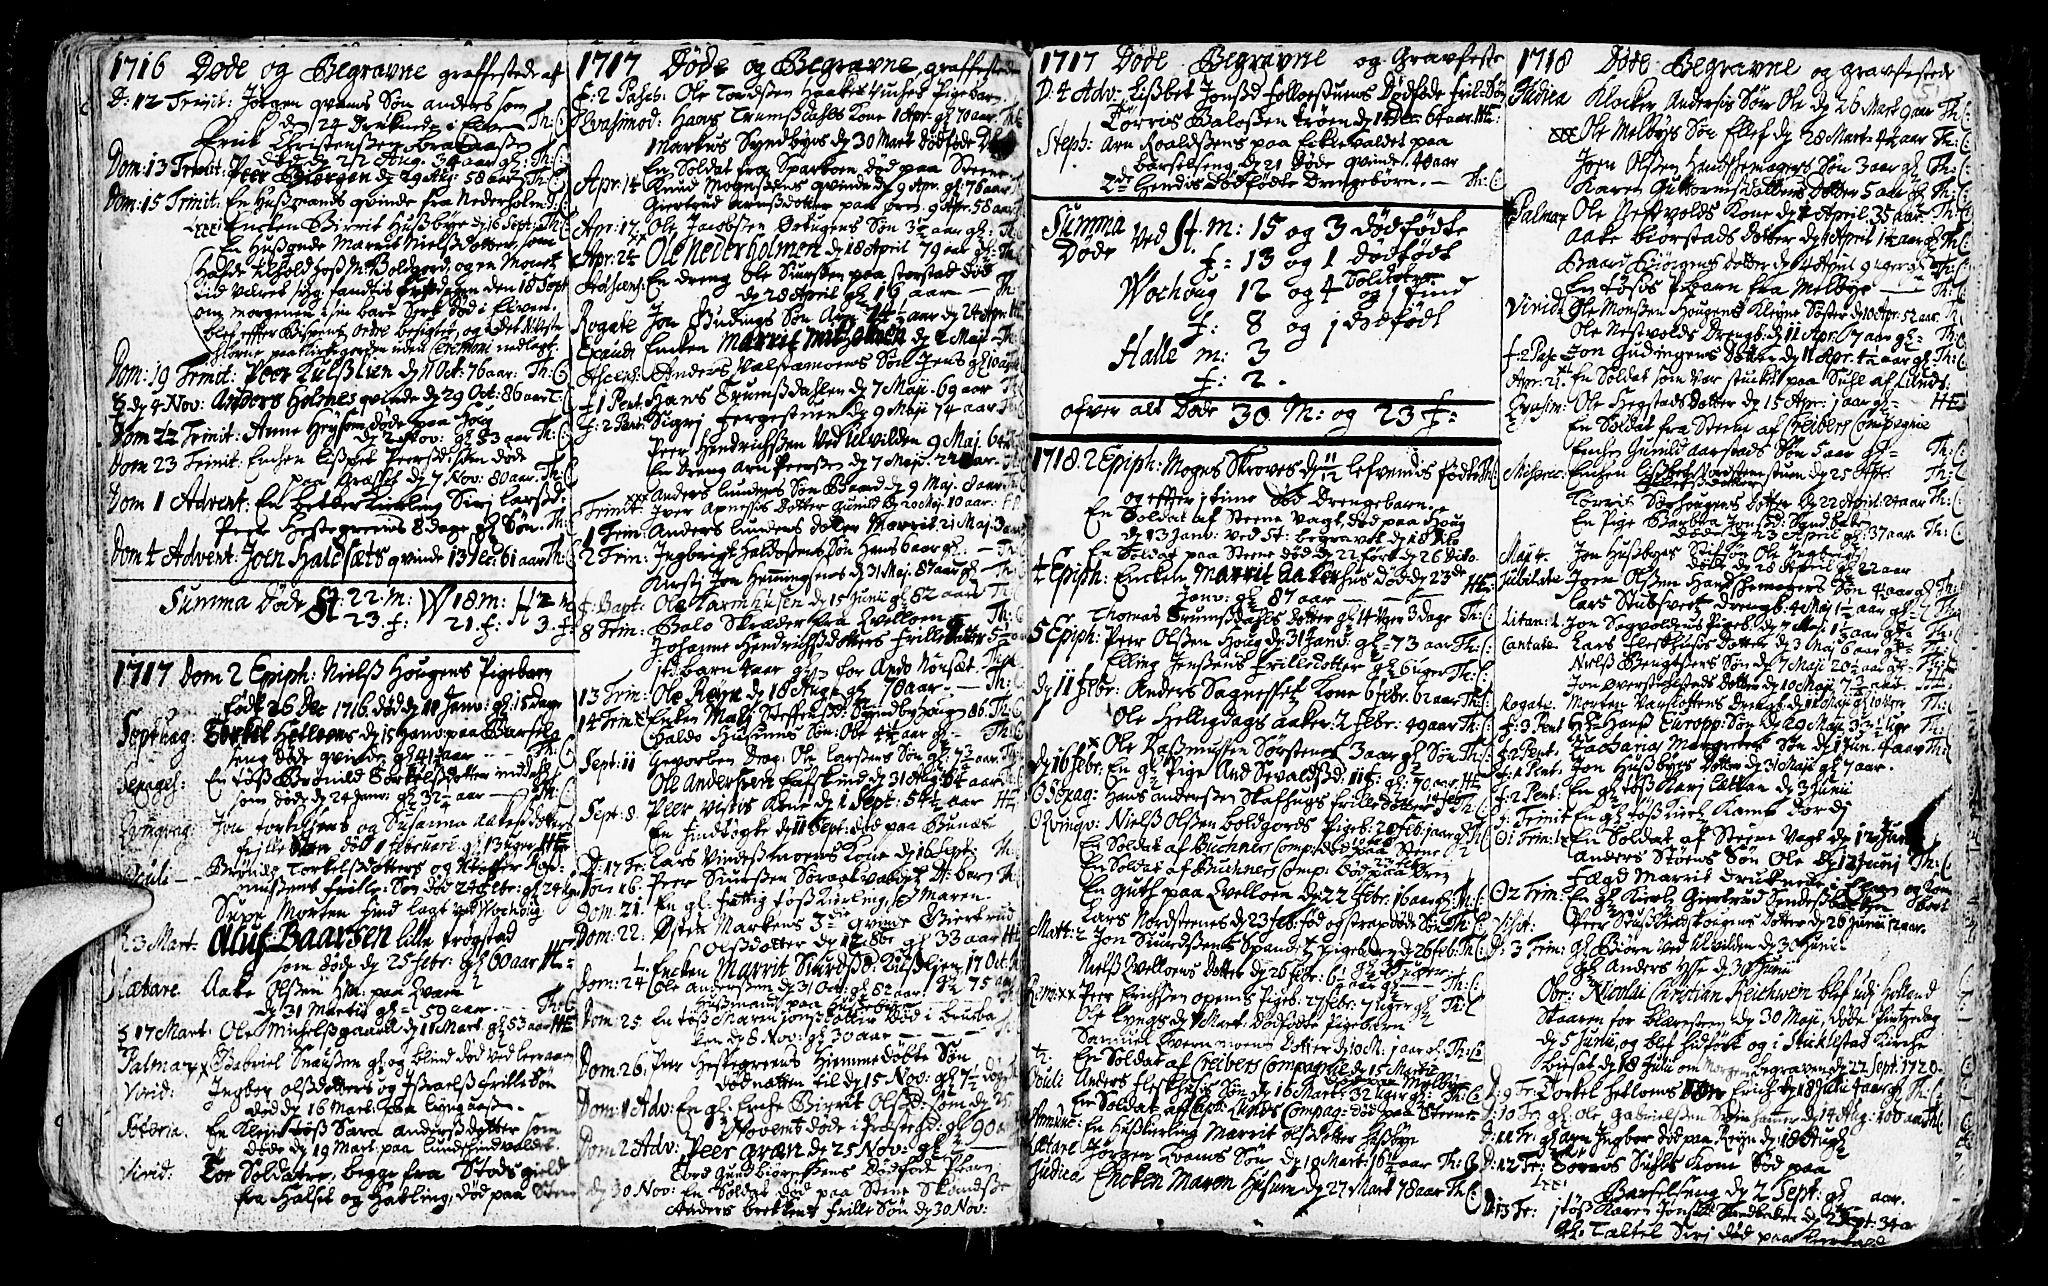 SAT, Ministerialprotokoller, klokkerbøker og fødselsregistre - Nord-Trøndelag, 723/L0230: Ministerialbok nr. 723A01, 1705-1747, s. 51